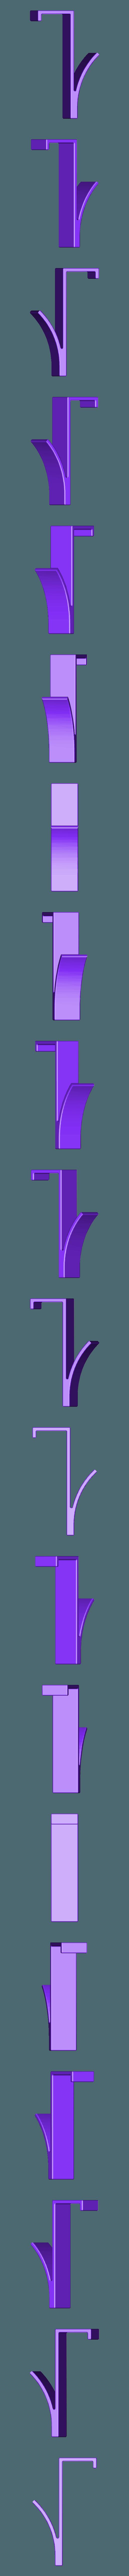 5Door_Hooks.STL Télécharger fichier STL gratuit Crochets de porte (10 tailles différentes) • Design pour impression 3D, Saeid